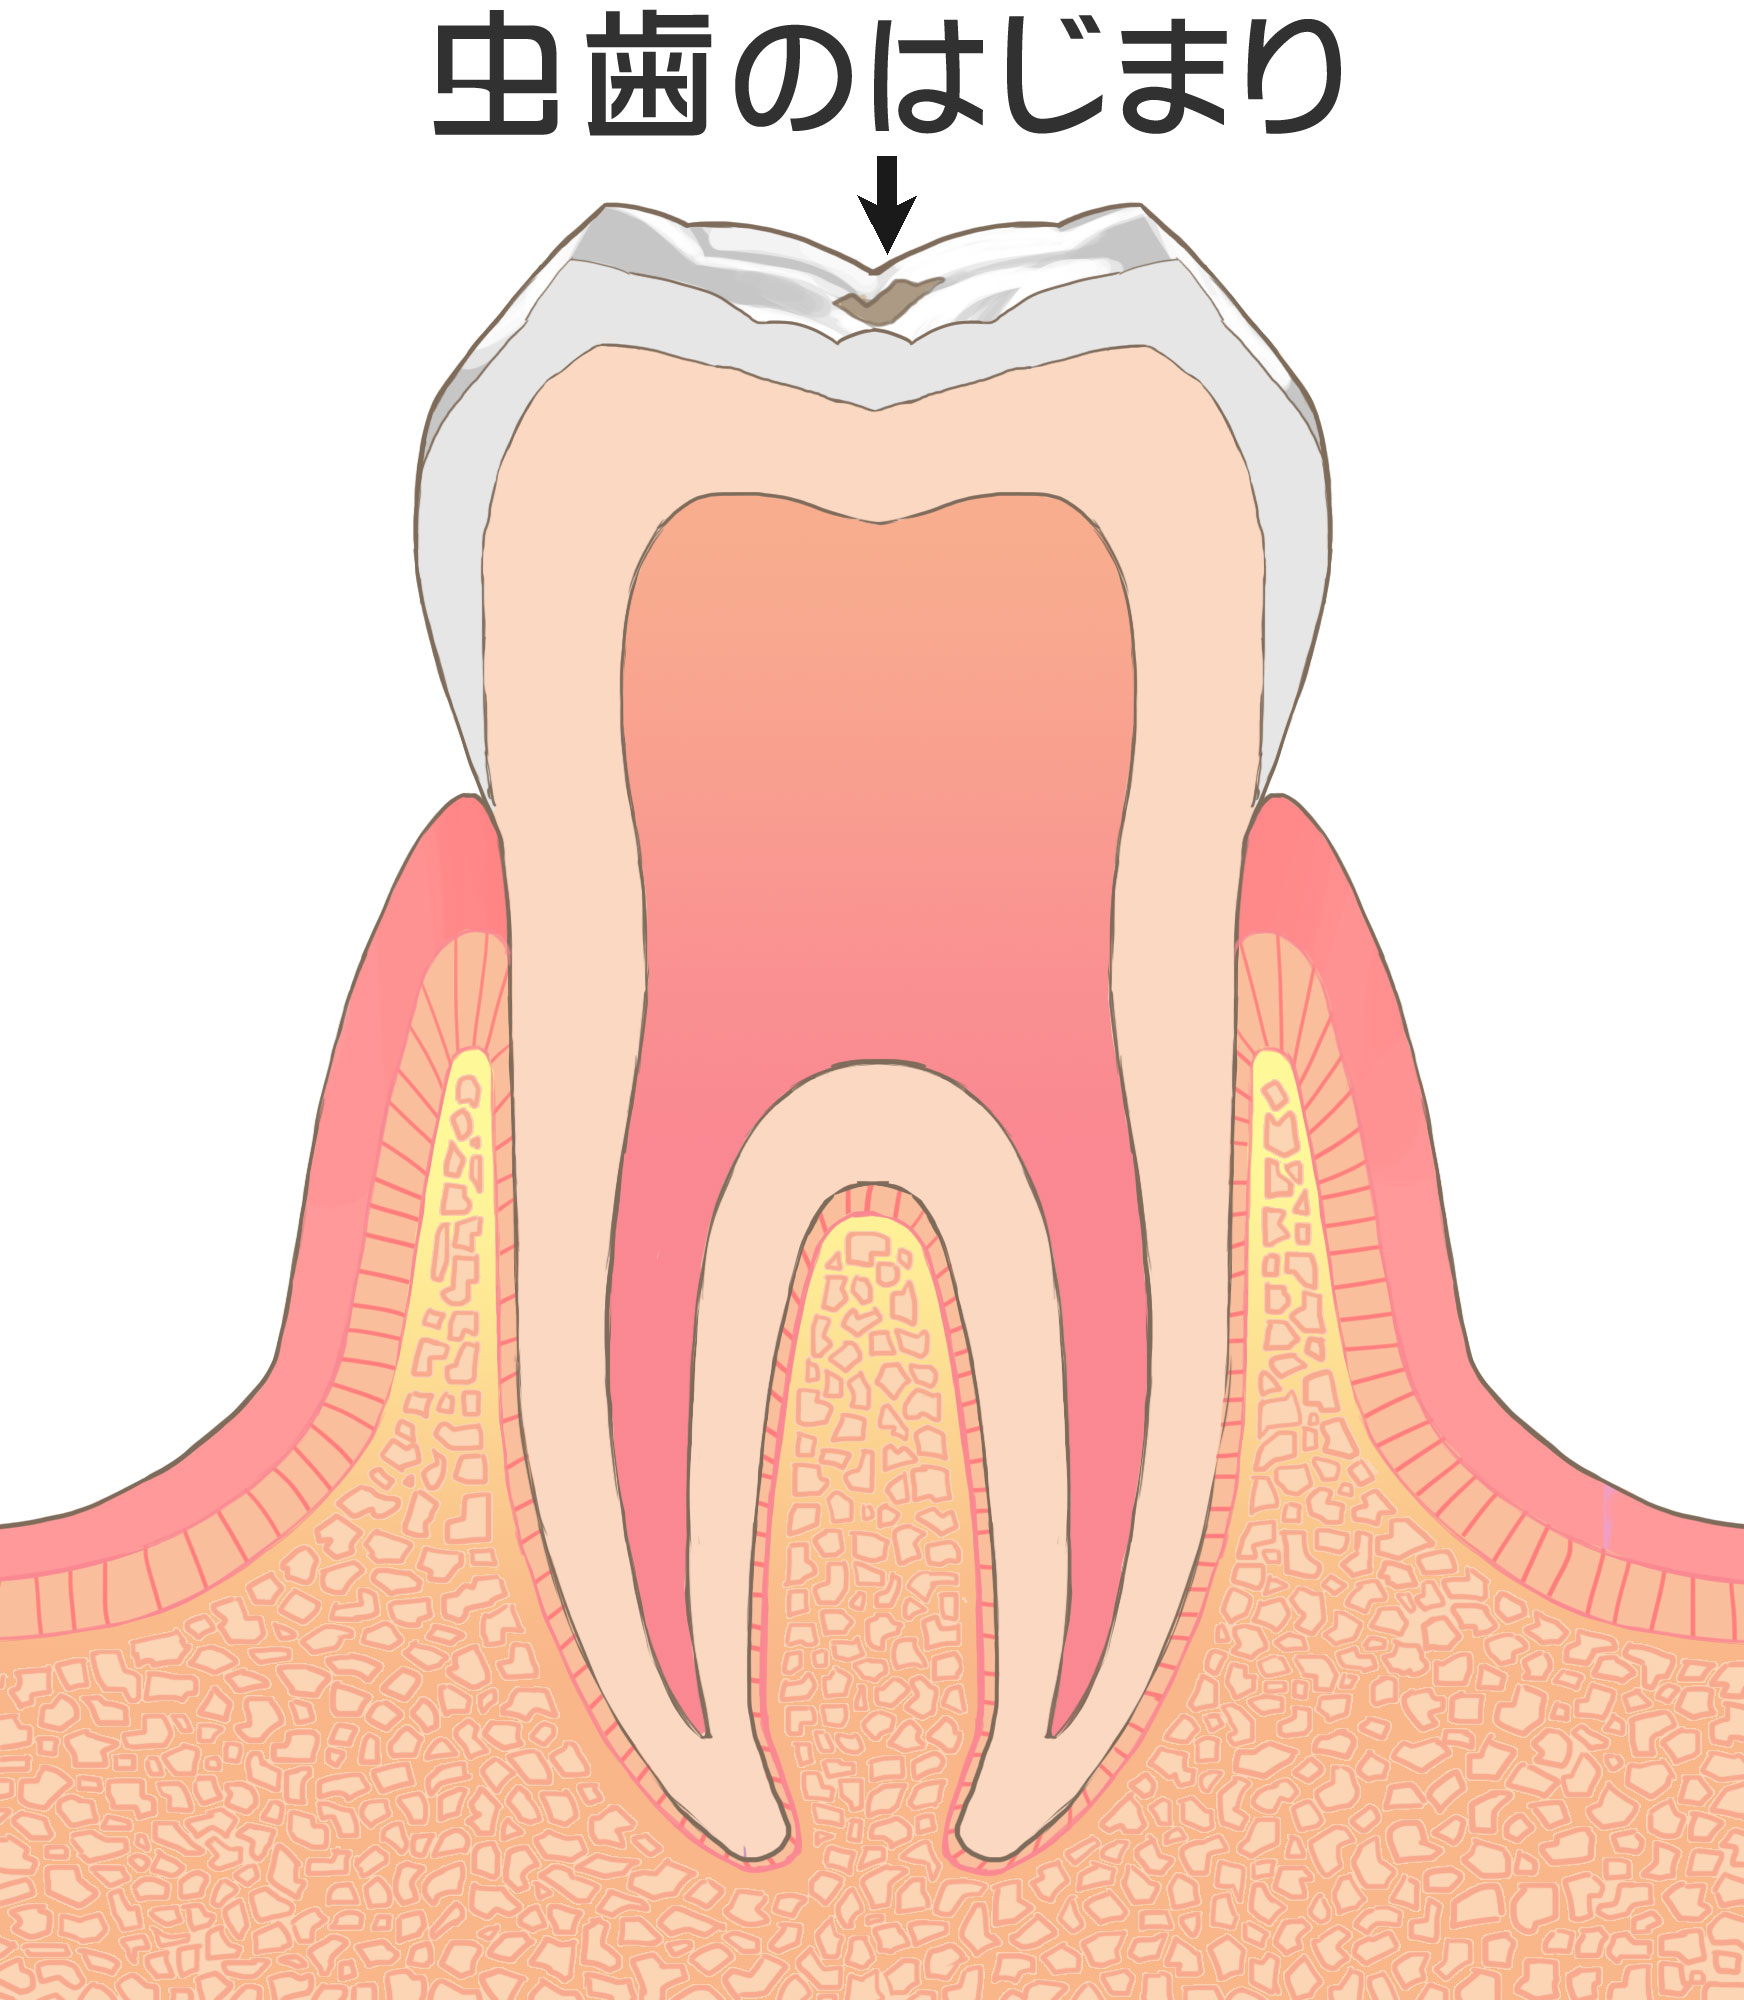 歯の神経を残すことの大切さ